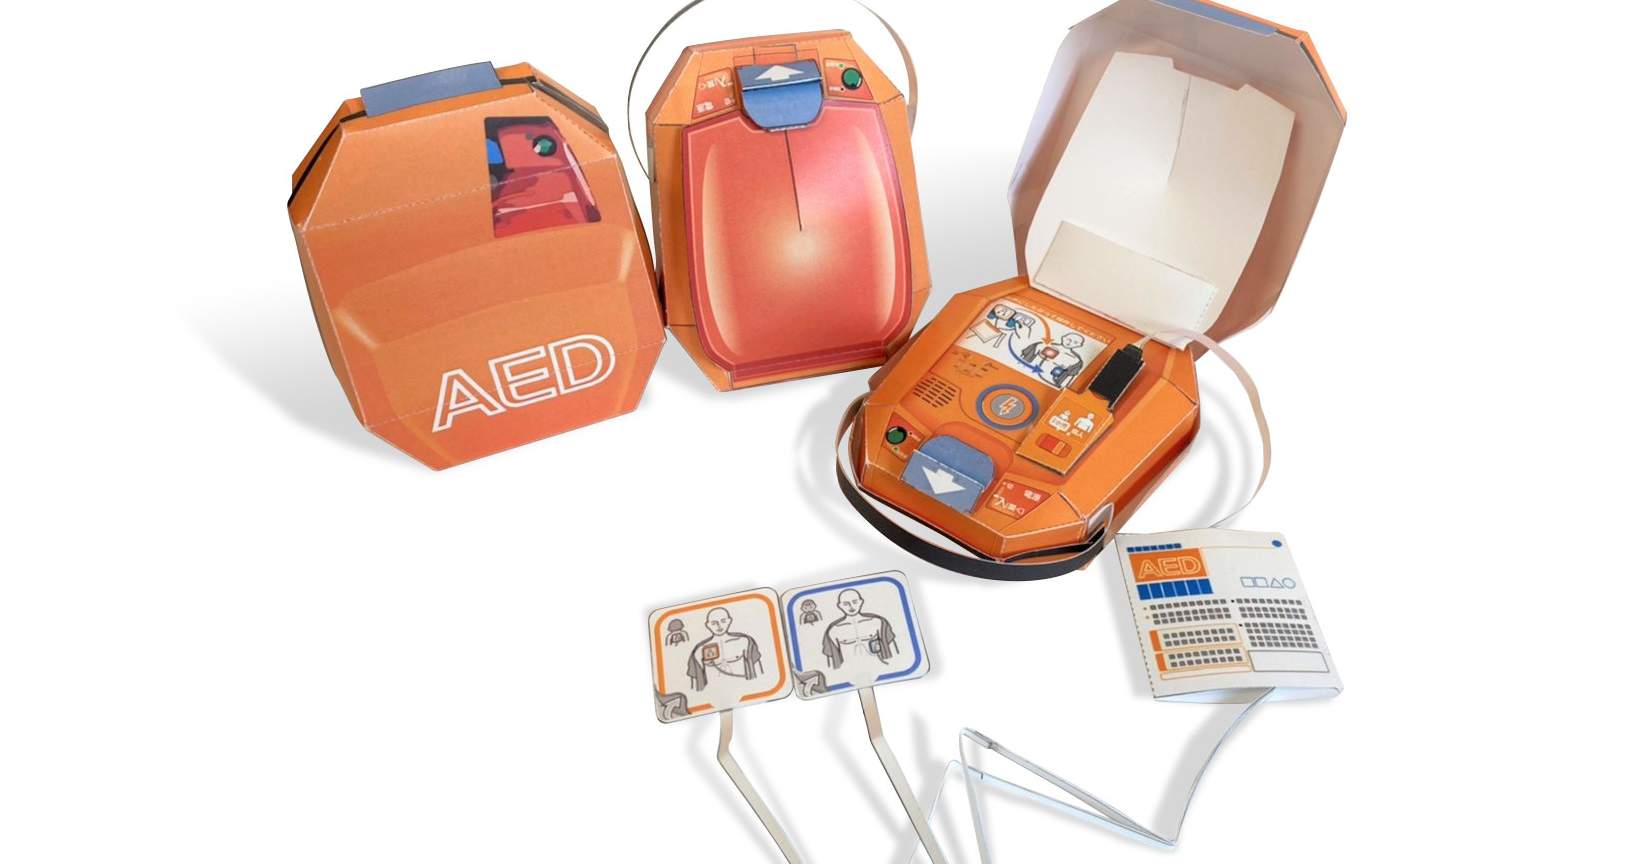 照片中提到了AED、AED、DDAO,跟阿萊奧太陽能有關,包含了抗癌藥、自動體外除顫器、除顫、除顫器、心